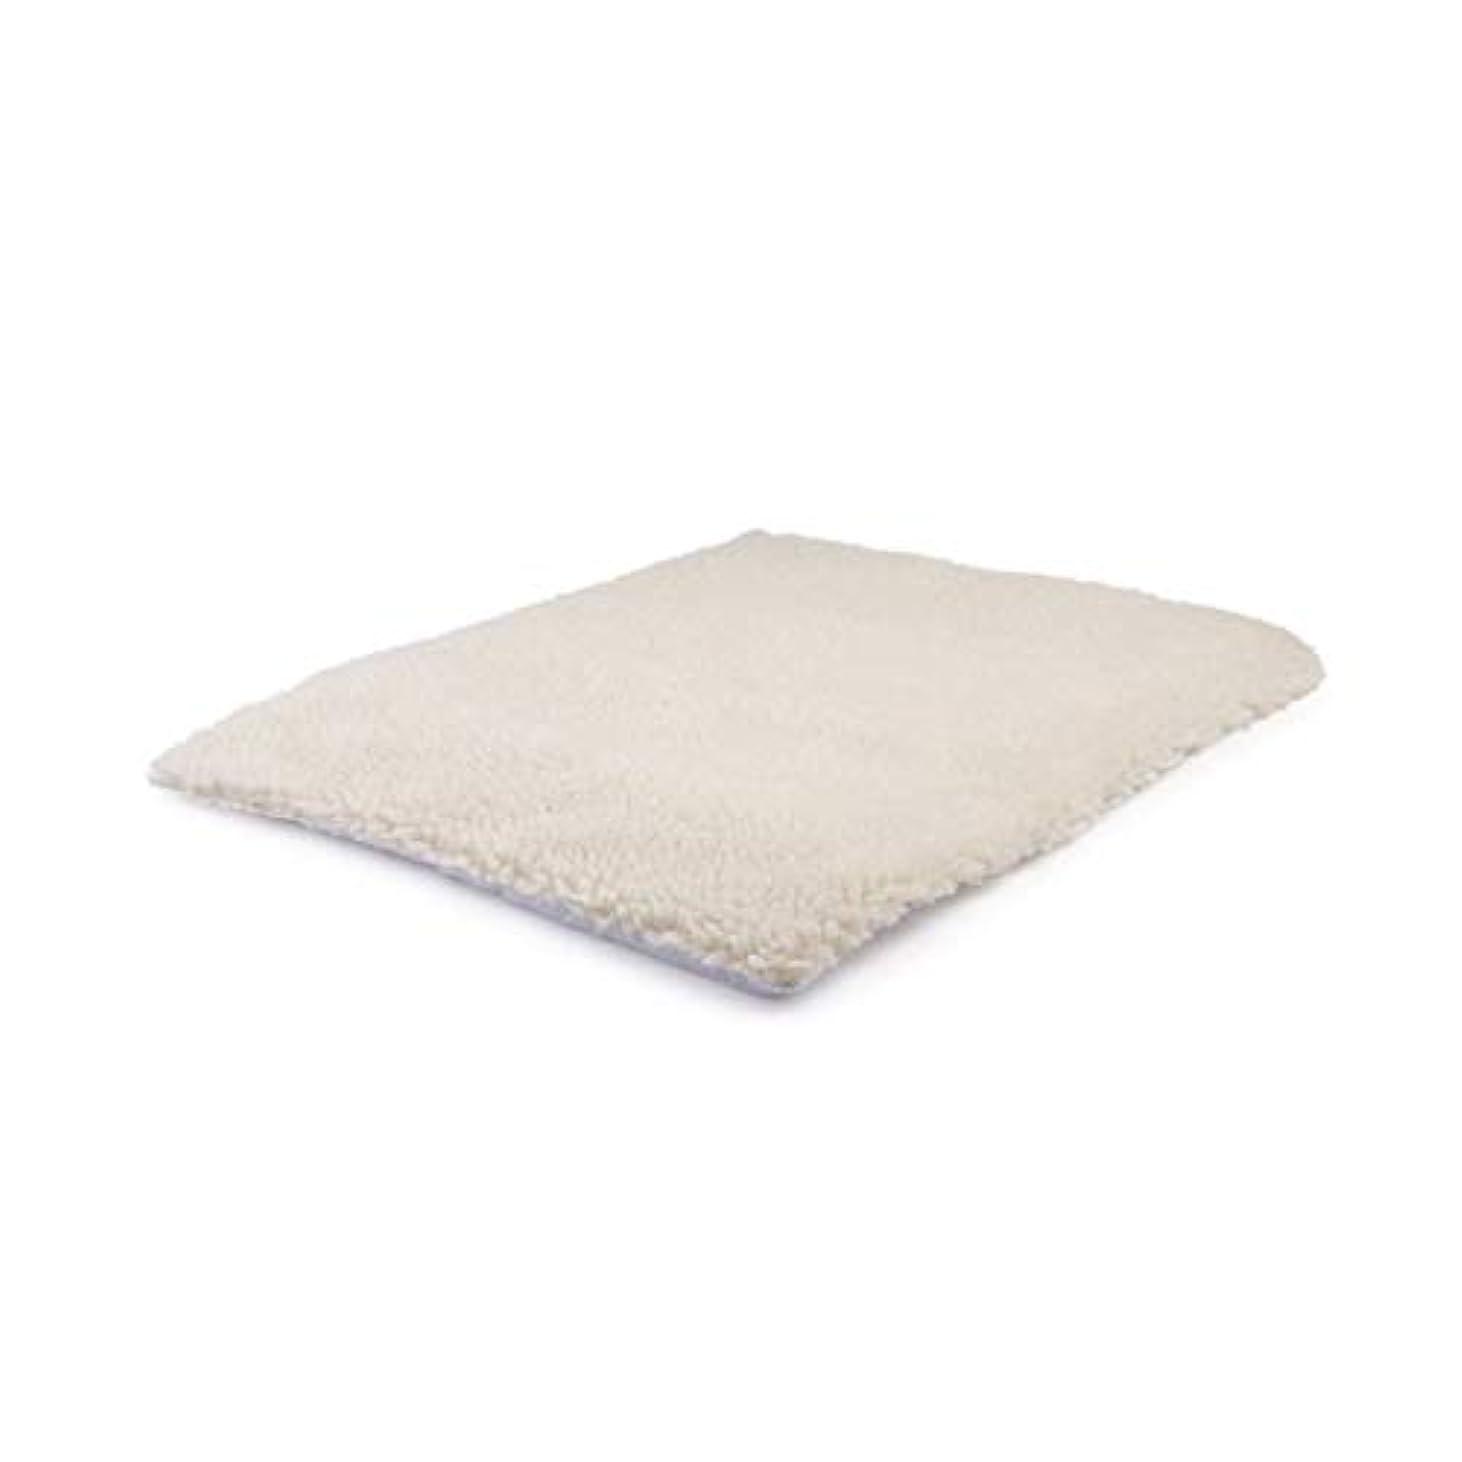 マーチャンダイザー柔らかさクラブSaikogoods 自己発熱ペット毛布 ペットベッド ウォッシャブル ノーエレクトリック スーパーソフト 子犬子猫毛布 ベッドマット ベージュ 640×460mm